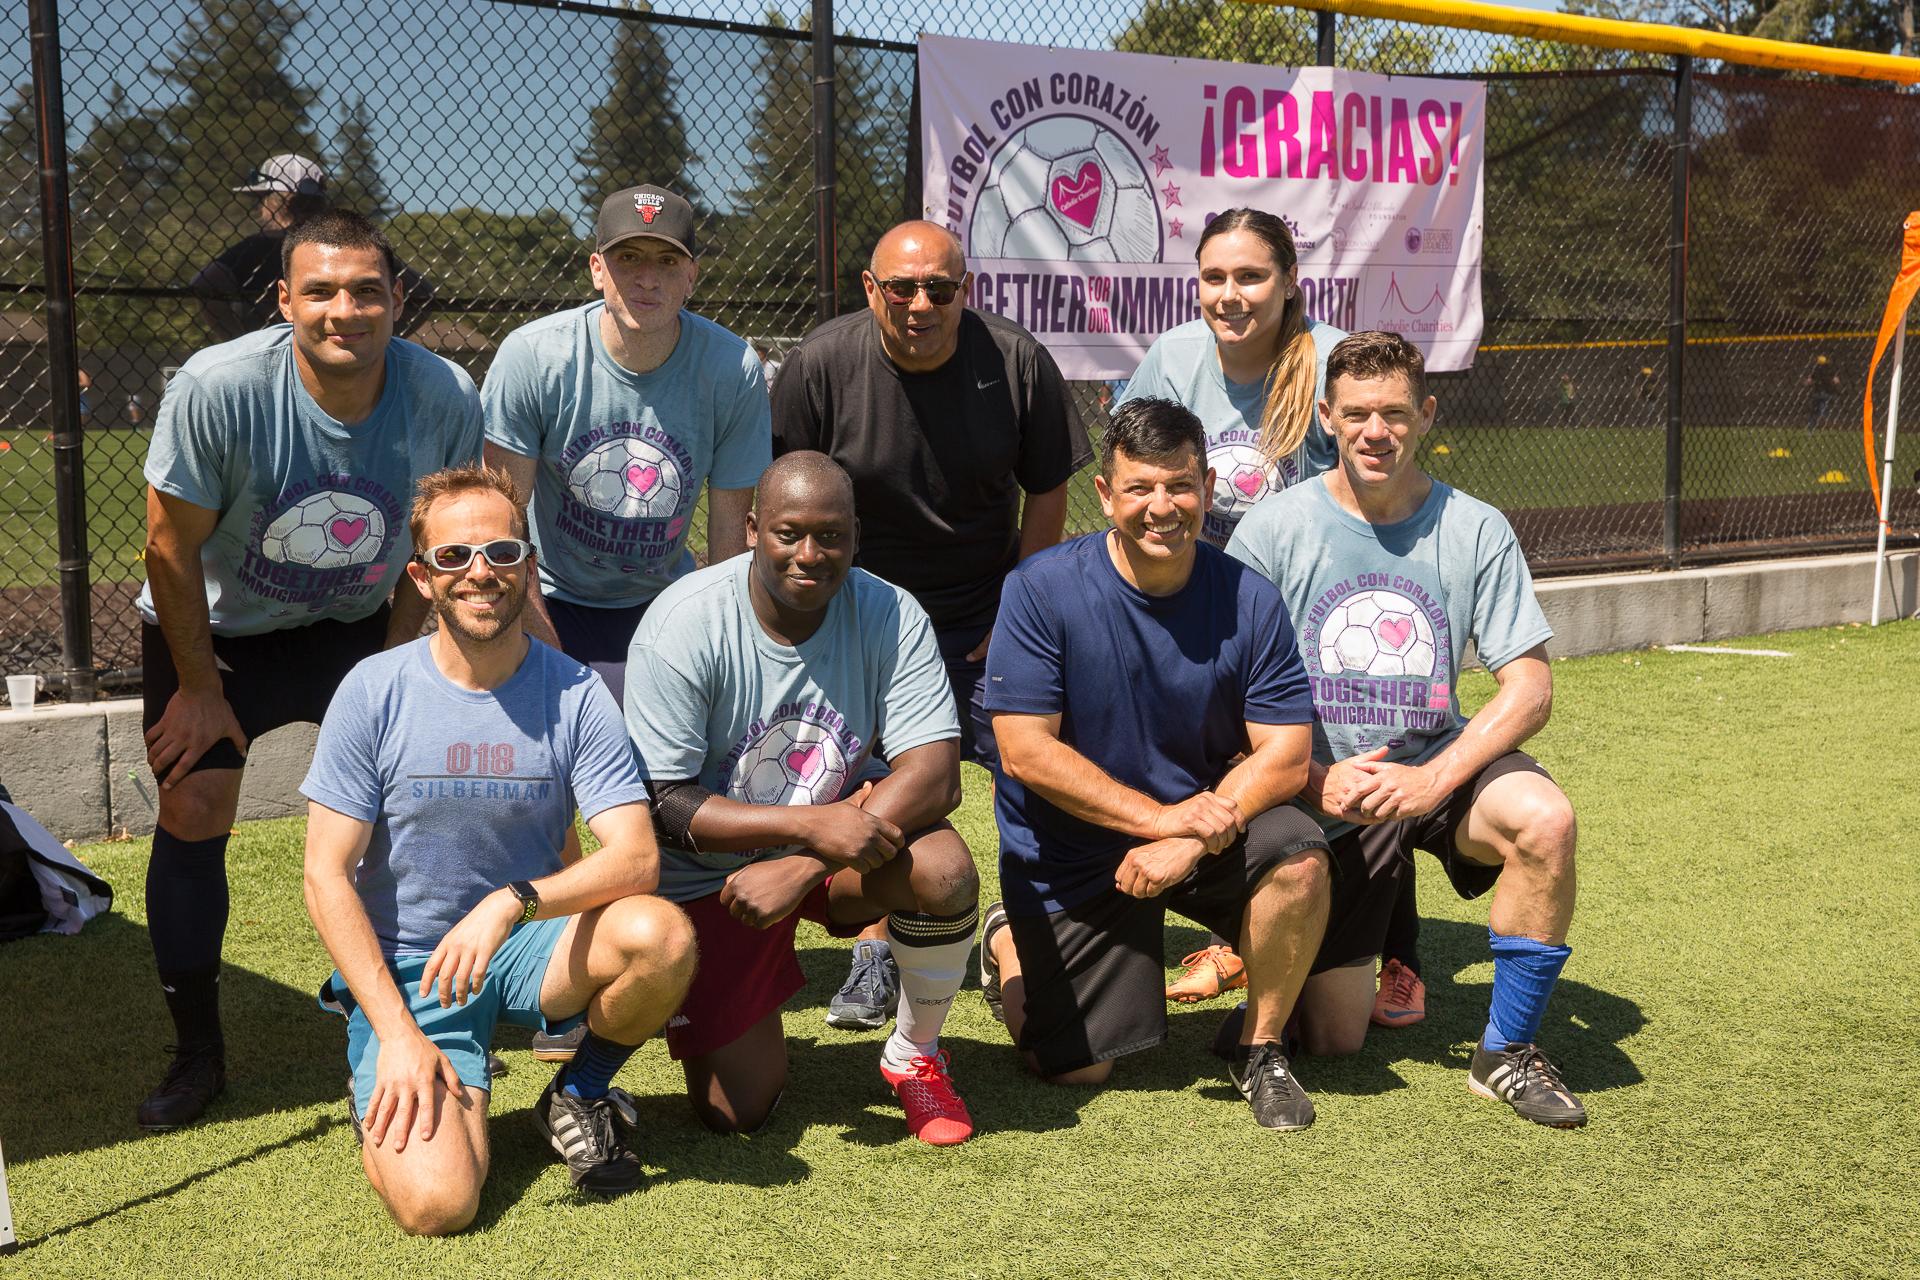 San Mateo County Sherriff Department team at Futbol con Corazon